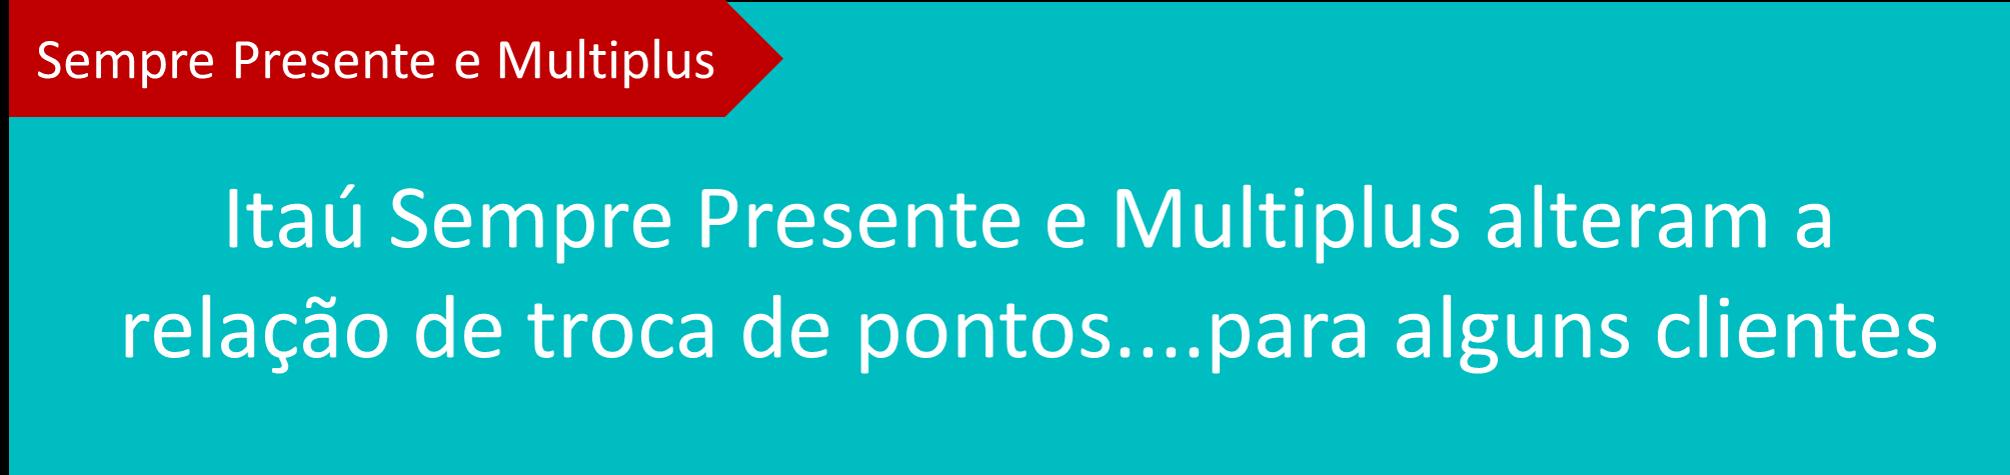 Mudança no programa de fidelidade Itaú Sempre Presente por Multiplus